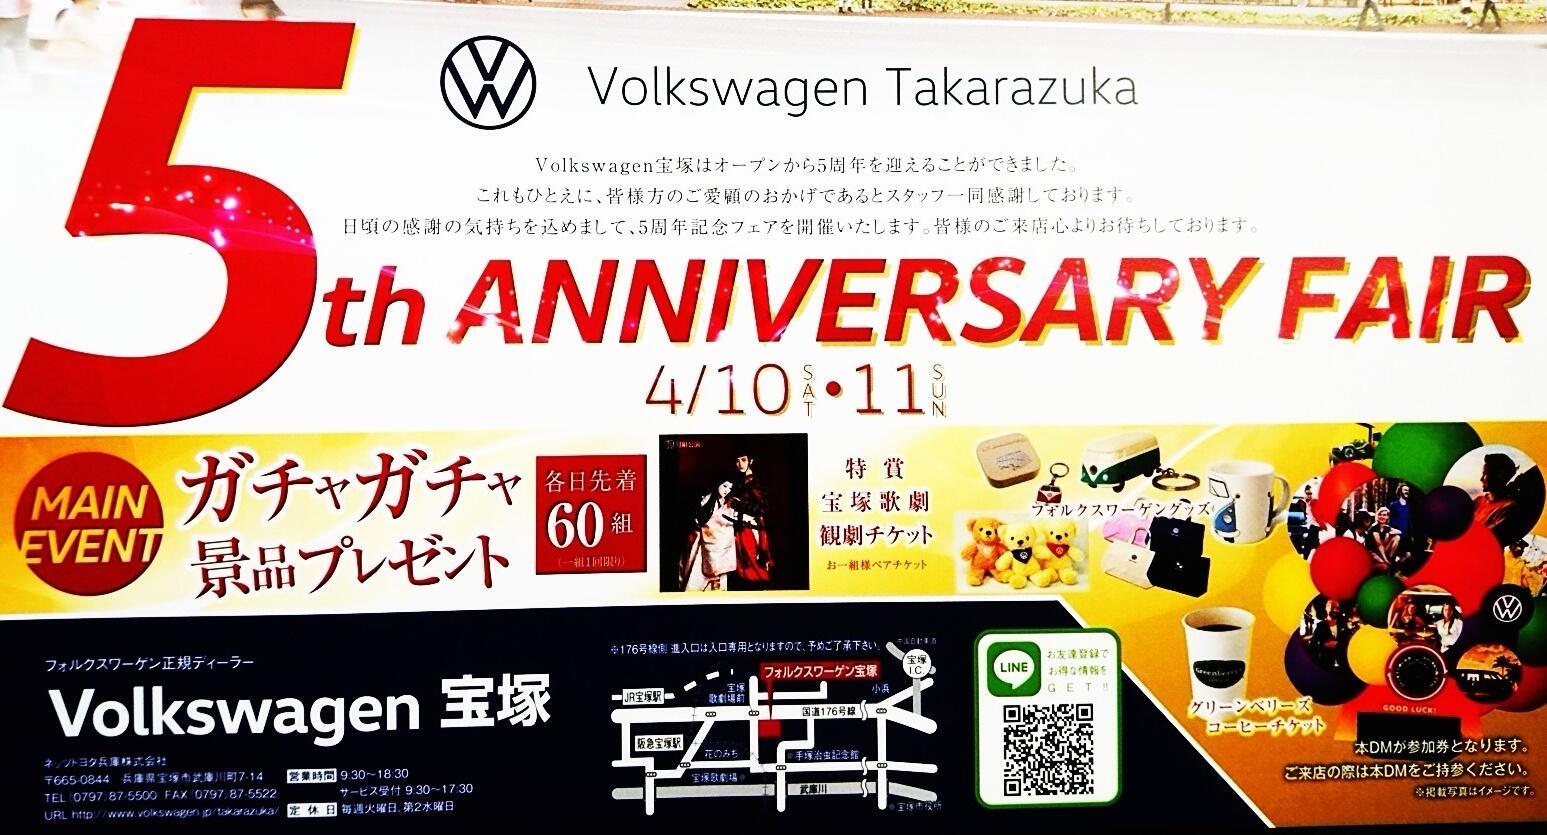 ブログ 宝塚 たからづかブログ.com トメの宝塚ブログ